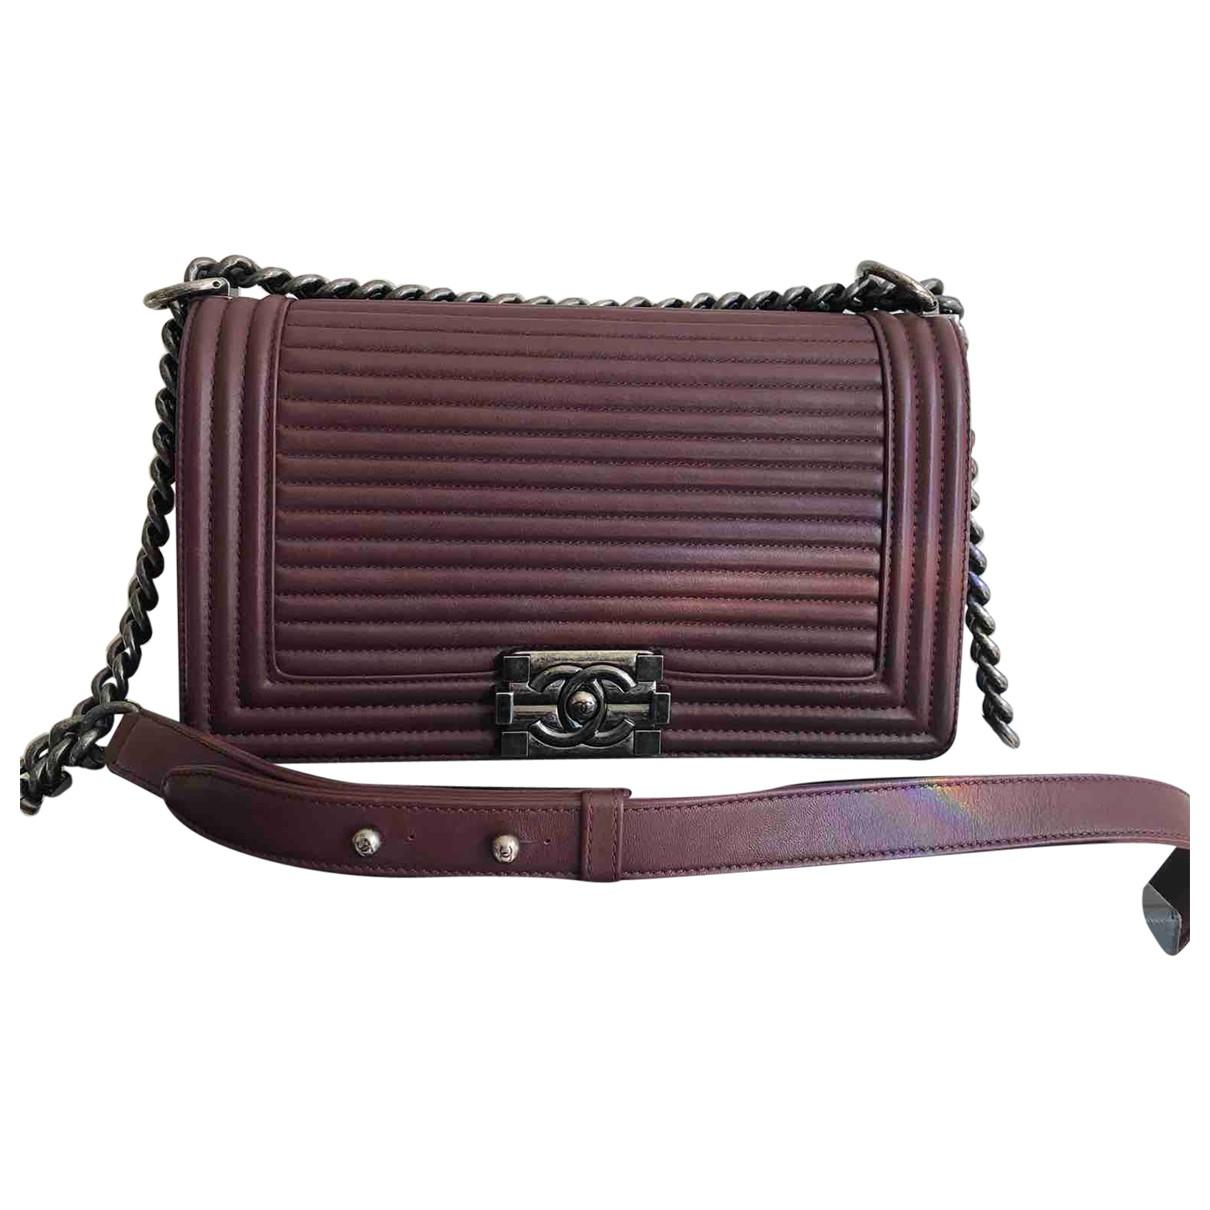 Chanel Boy Burgundy Leather handbag for Women N